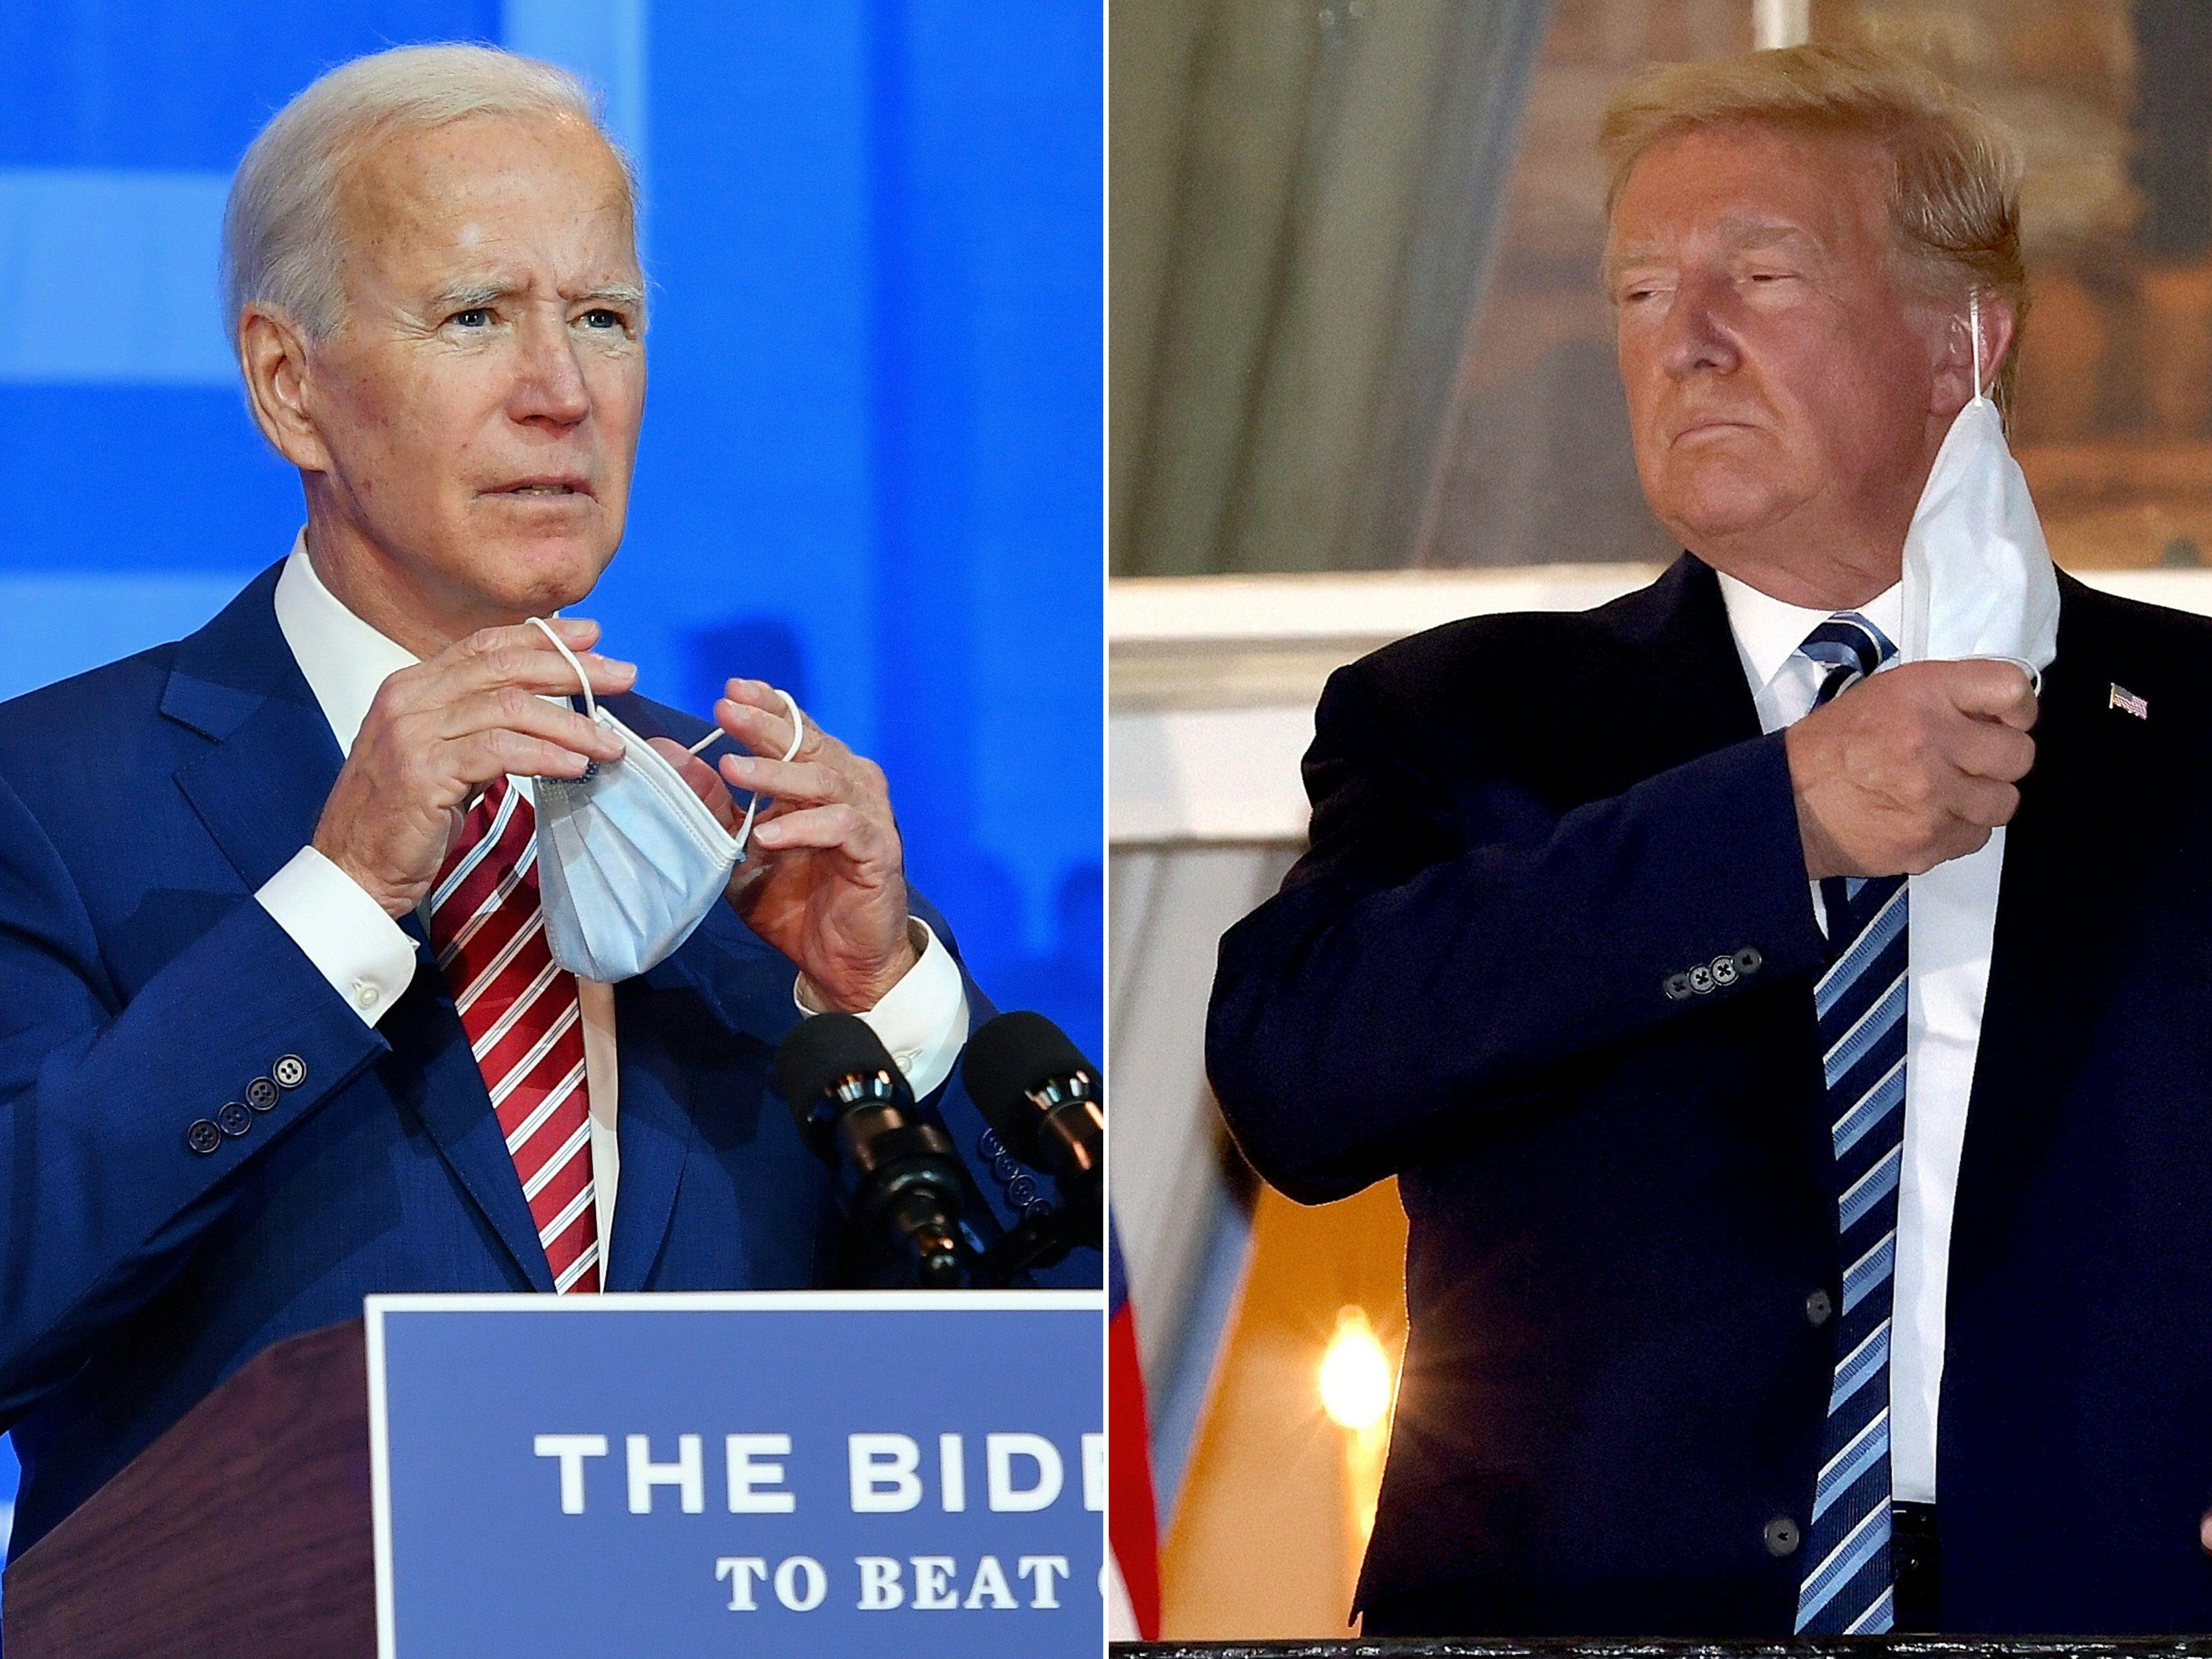 الانتخابات الأميركية أ ف ب.jpg